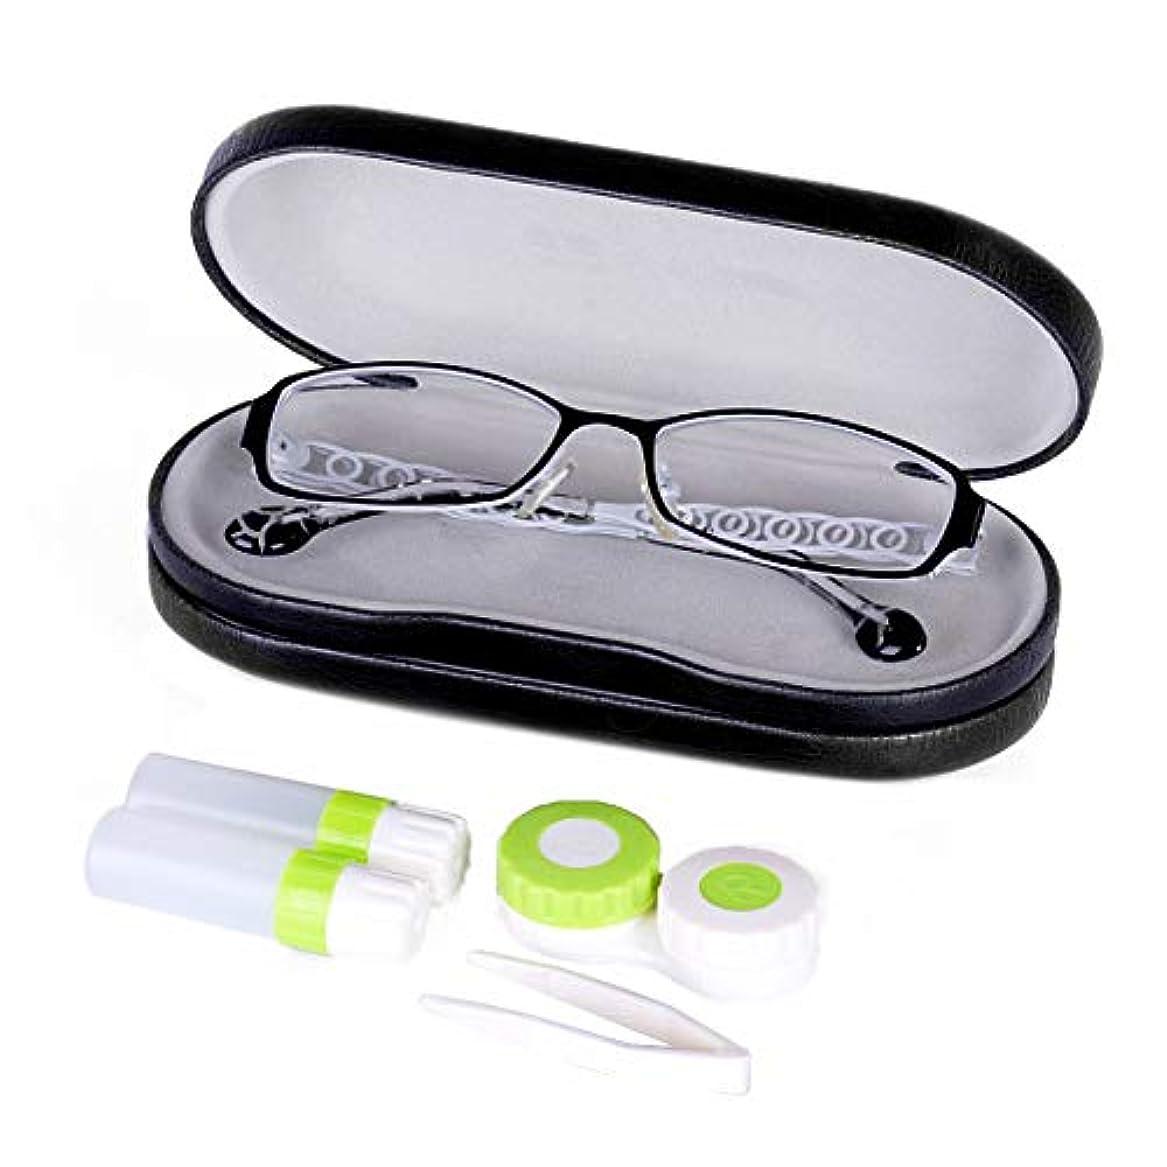 容器運動倫理的Coldwhite 眼鏡ケース ハード 両用 メガネケース 旅行用に革新的なコンタクトレンズケース両面メガネ収納ケース 小瓶と一対のコンタクトレンズピンセット付き 16x7x5cm